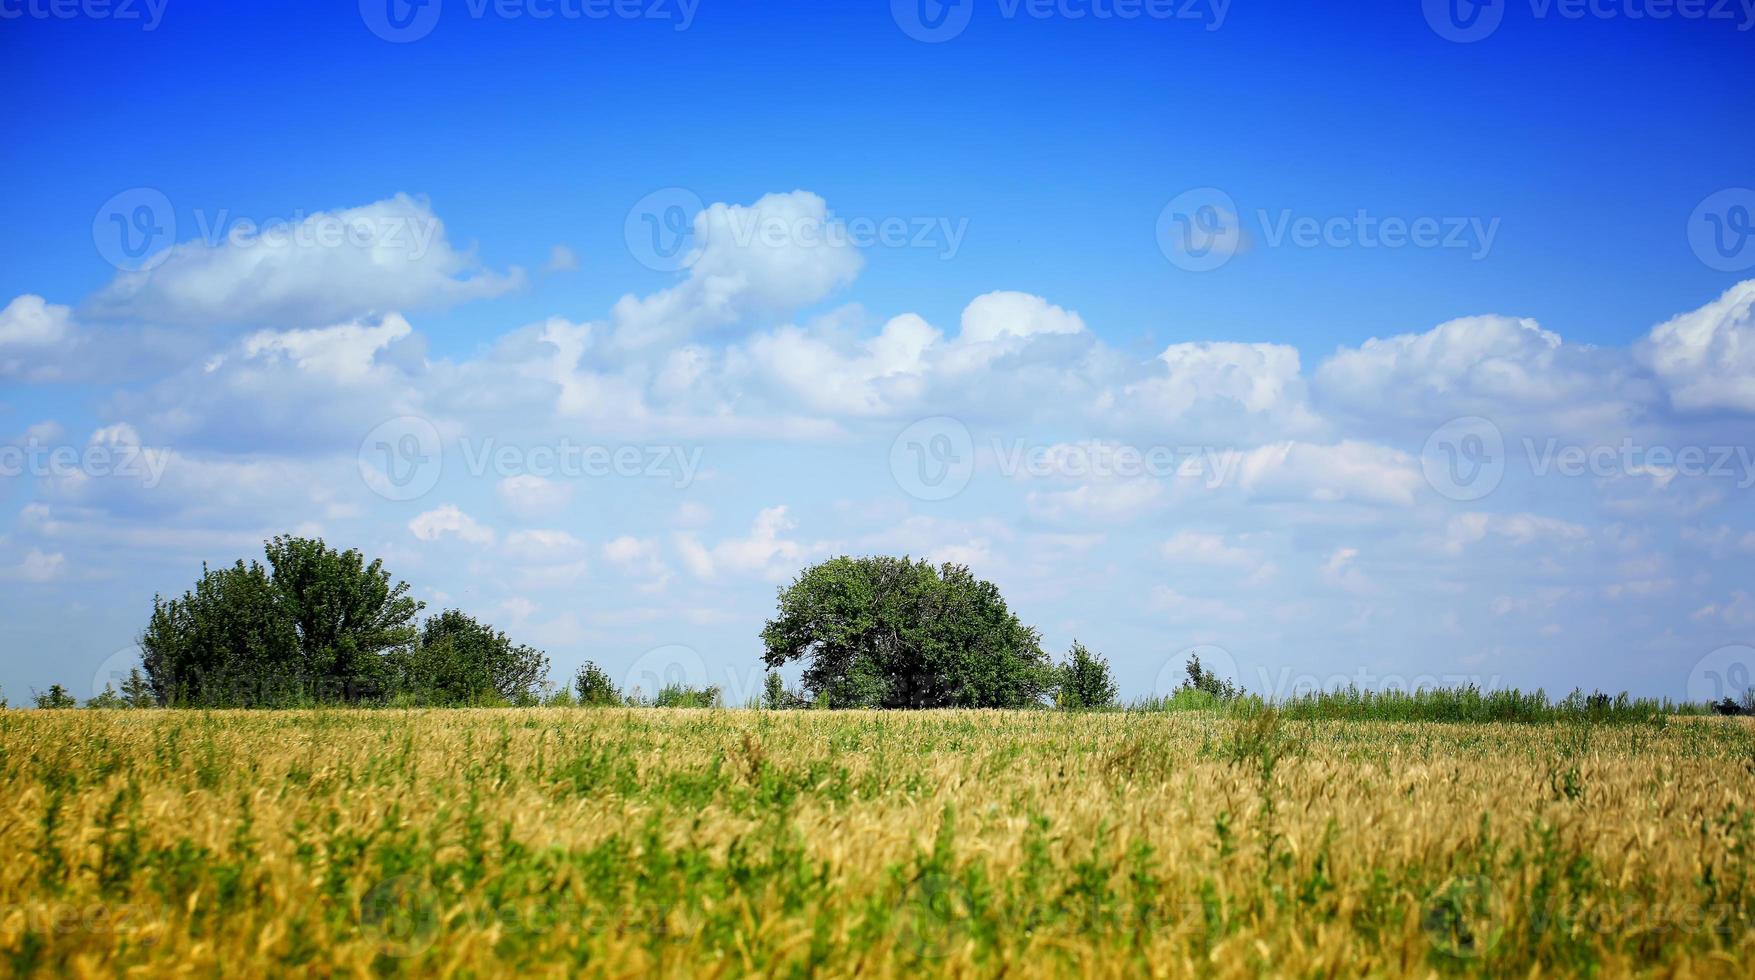 Don Fluss Steppen Landschaft Bäume Himmel Wolken Russland foto